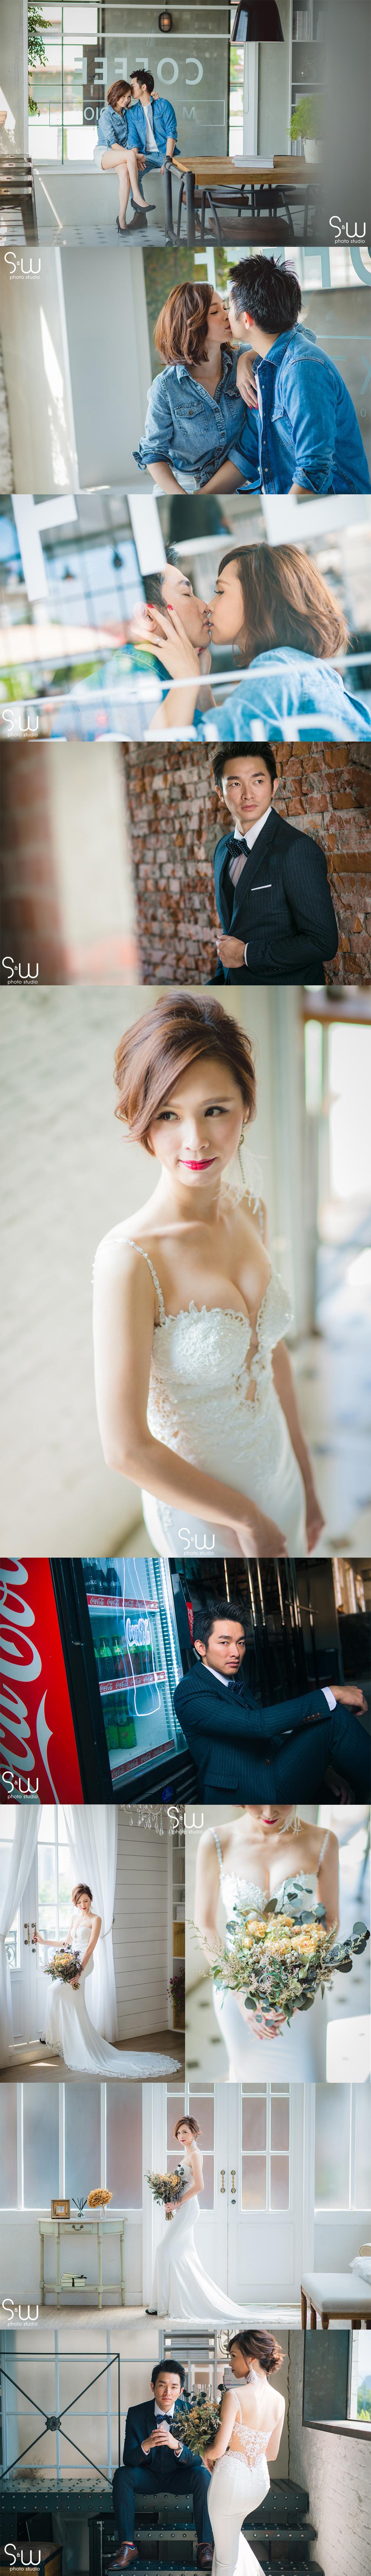 婚紗攝影,台北陽明山+北海岸,台北婚紗